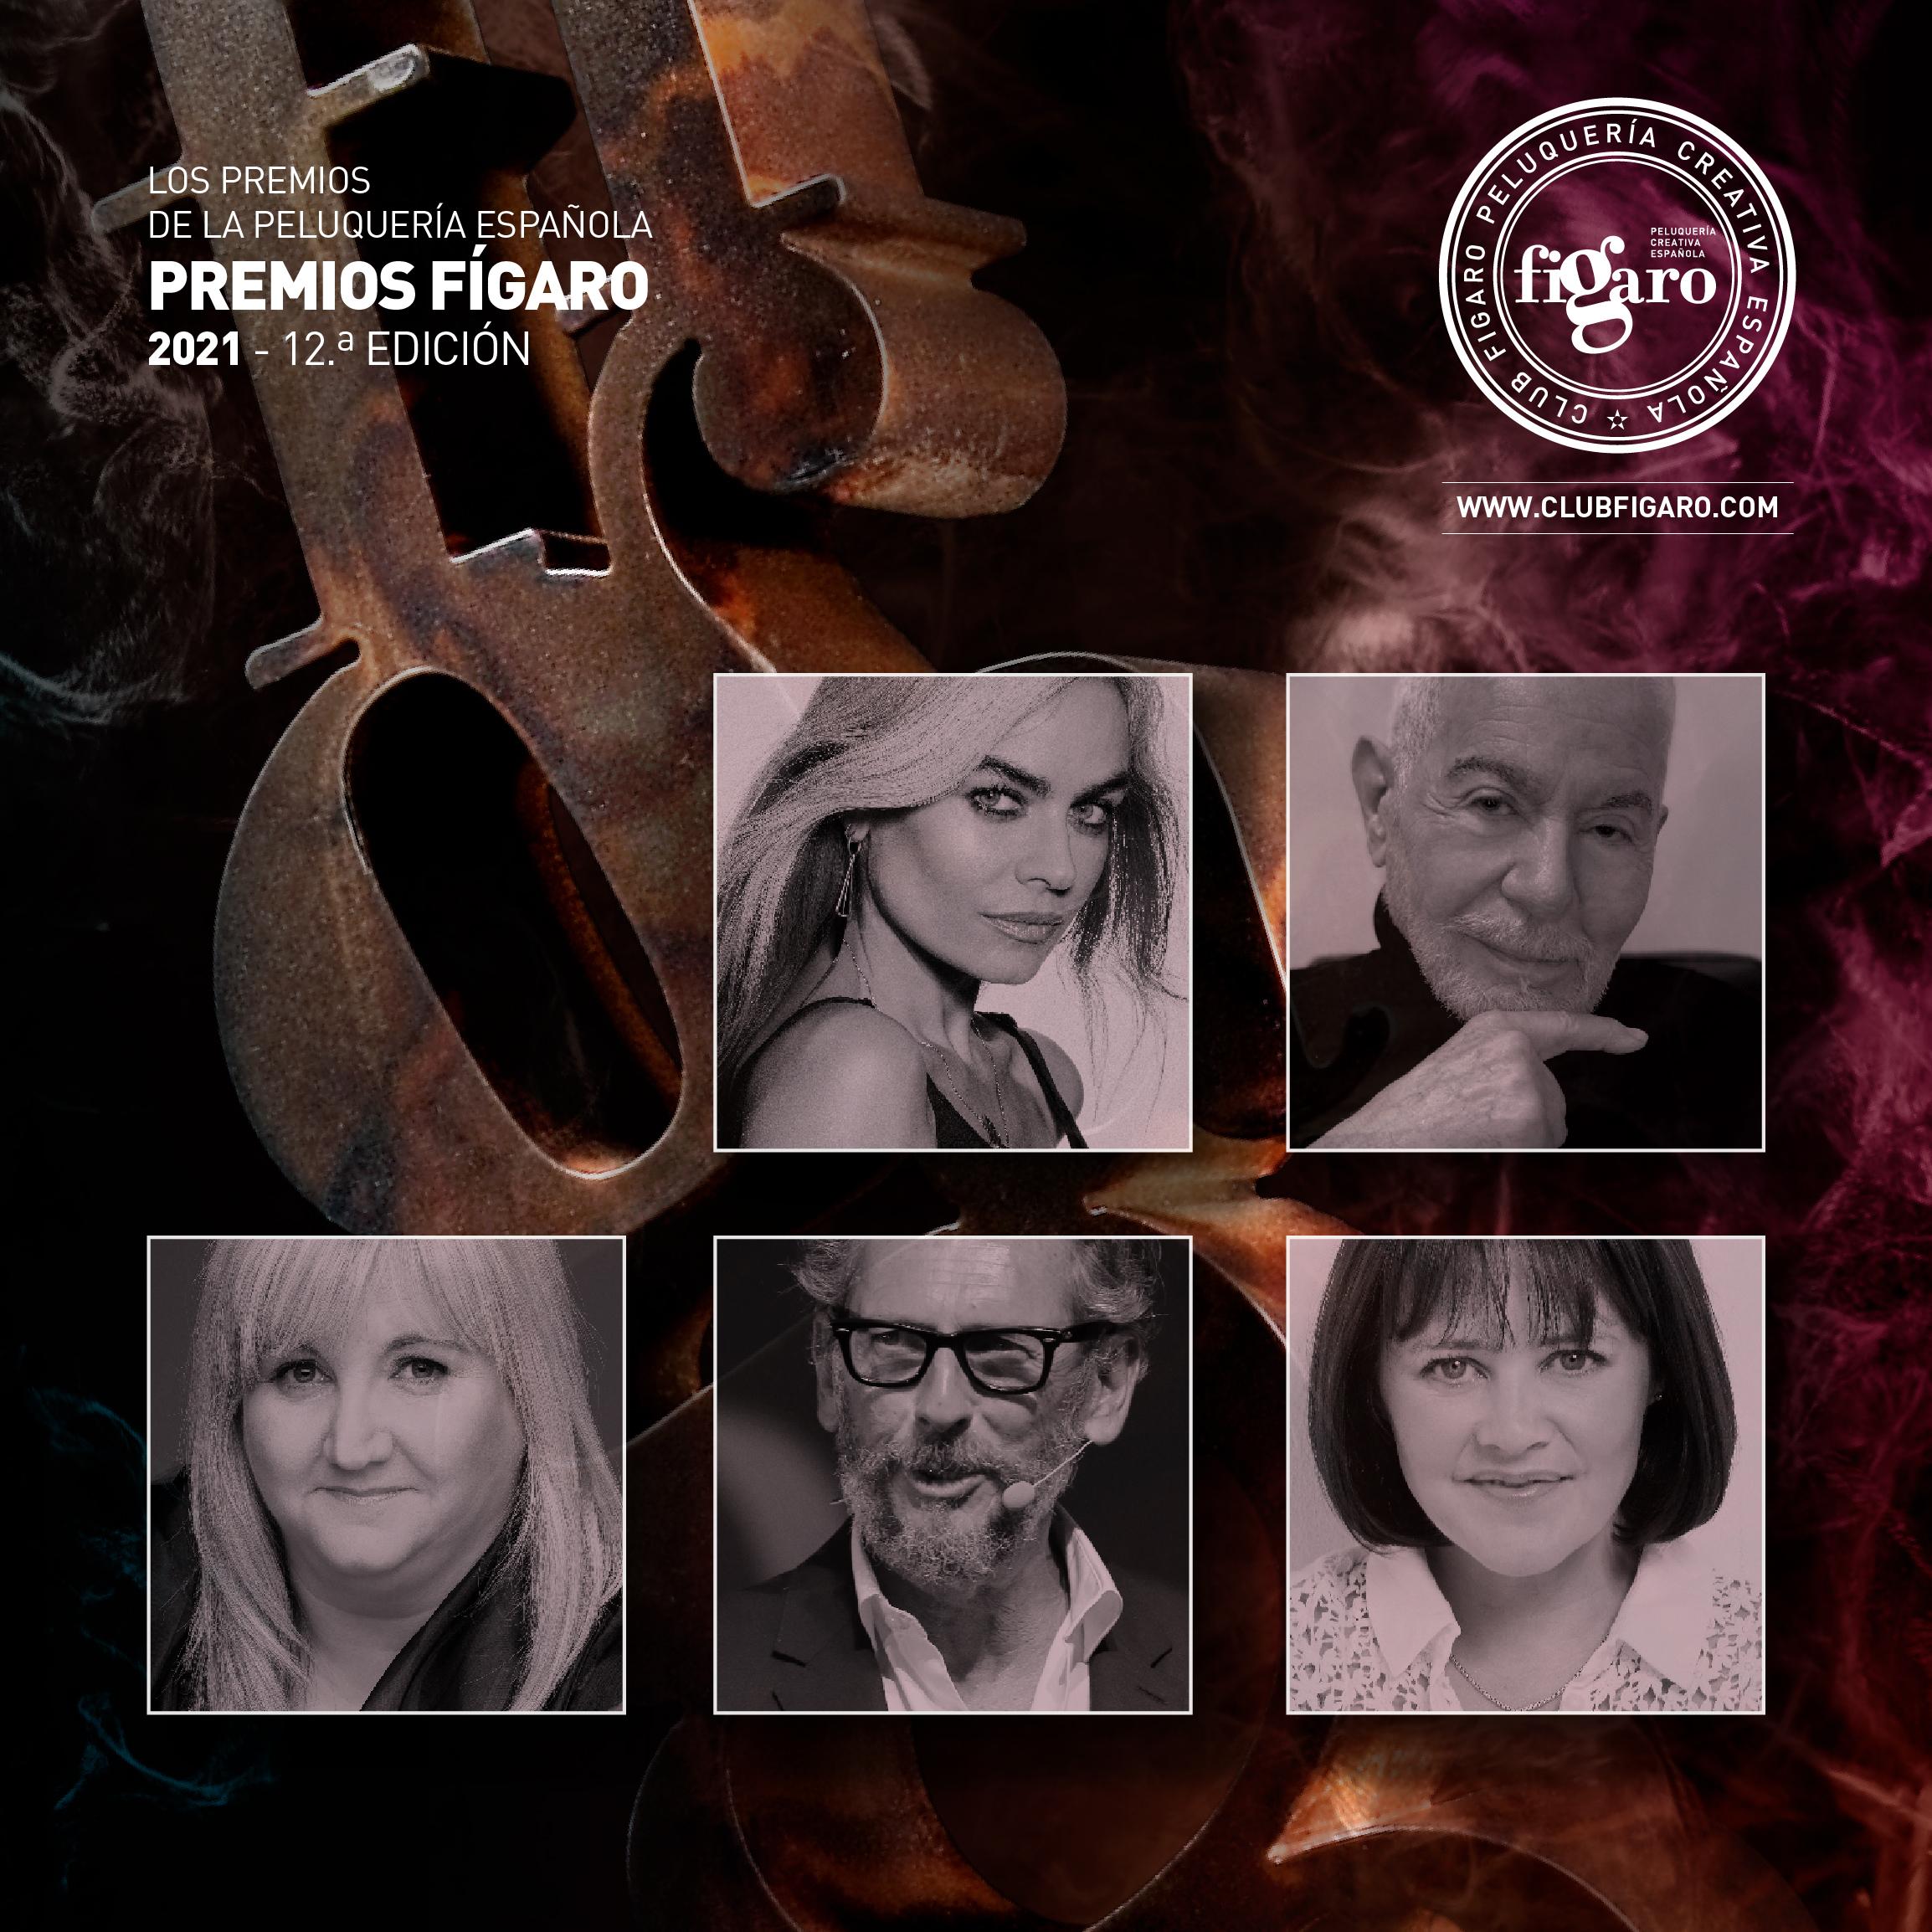 El jurado profesional de los Premios de la Peluquería Española en su 12.ª edición.